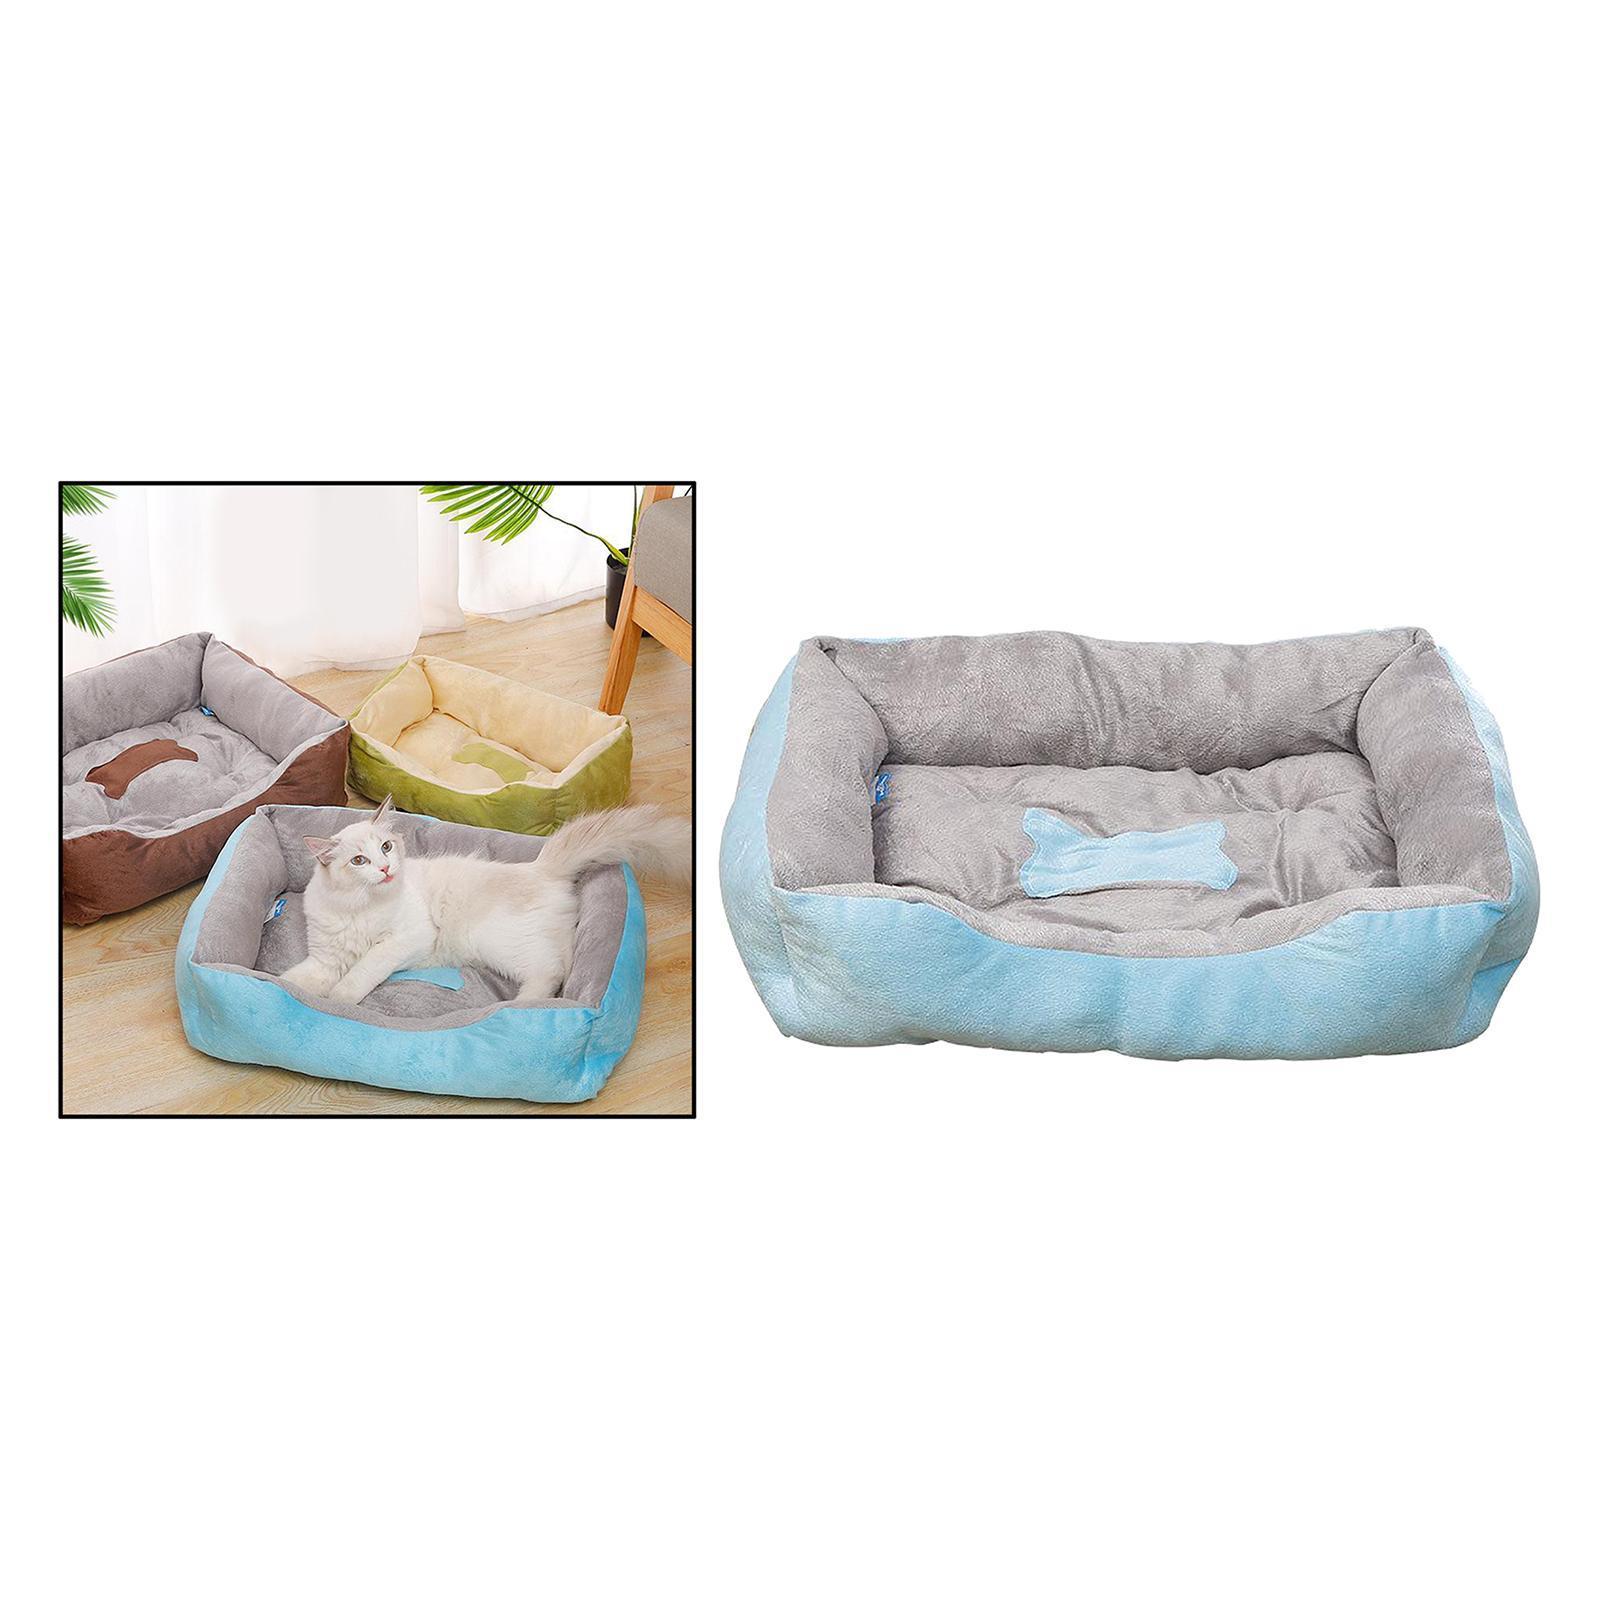 Indexbild 54 - Katze-Hund-Bett-Pet-Kissen-Betten-Haus-Schlaf-Soft-Warmen-Zwinger-Decke-Nest